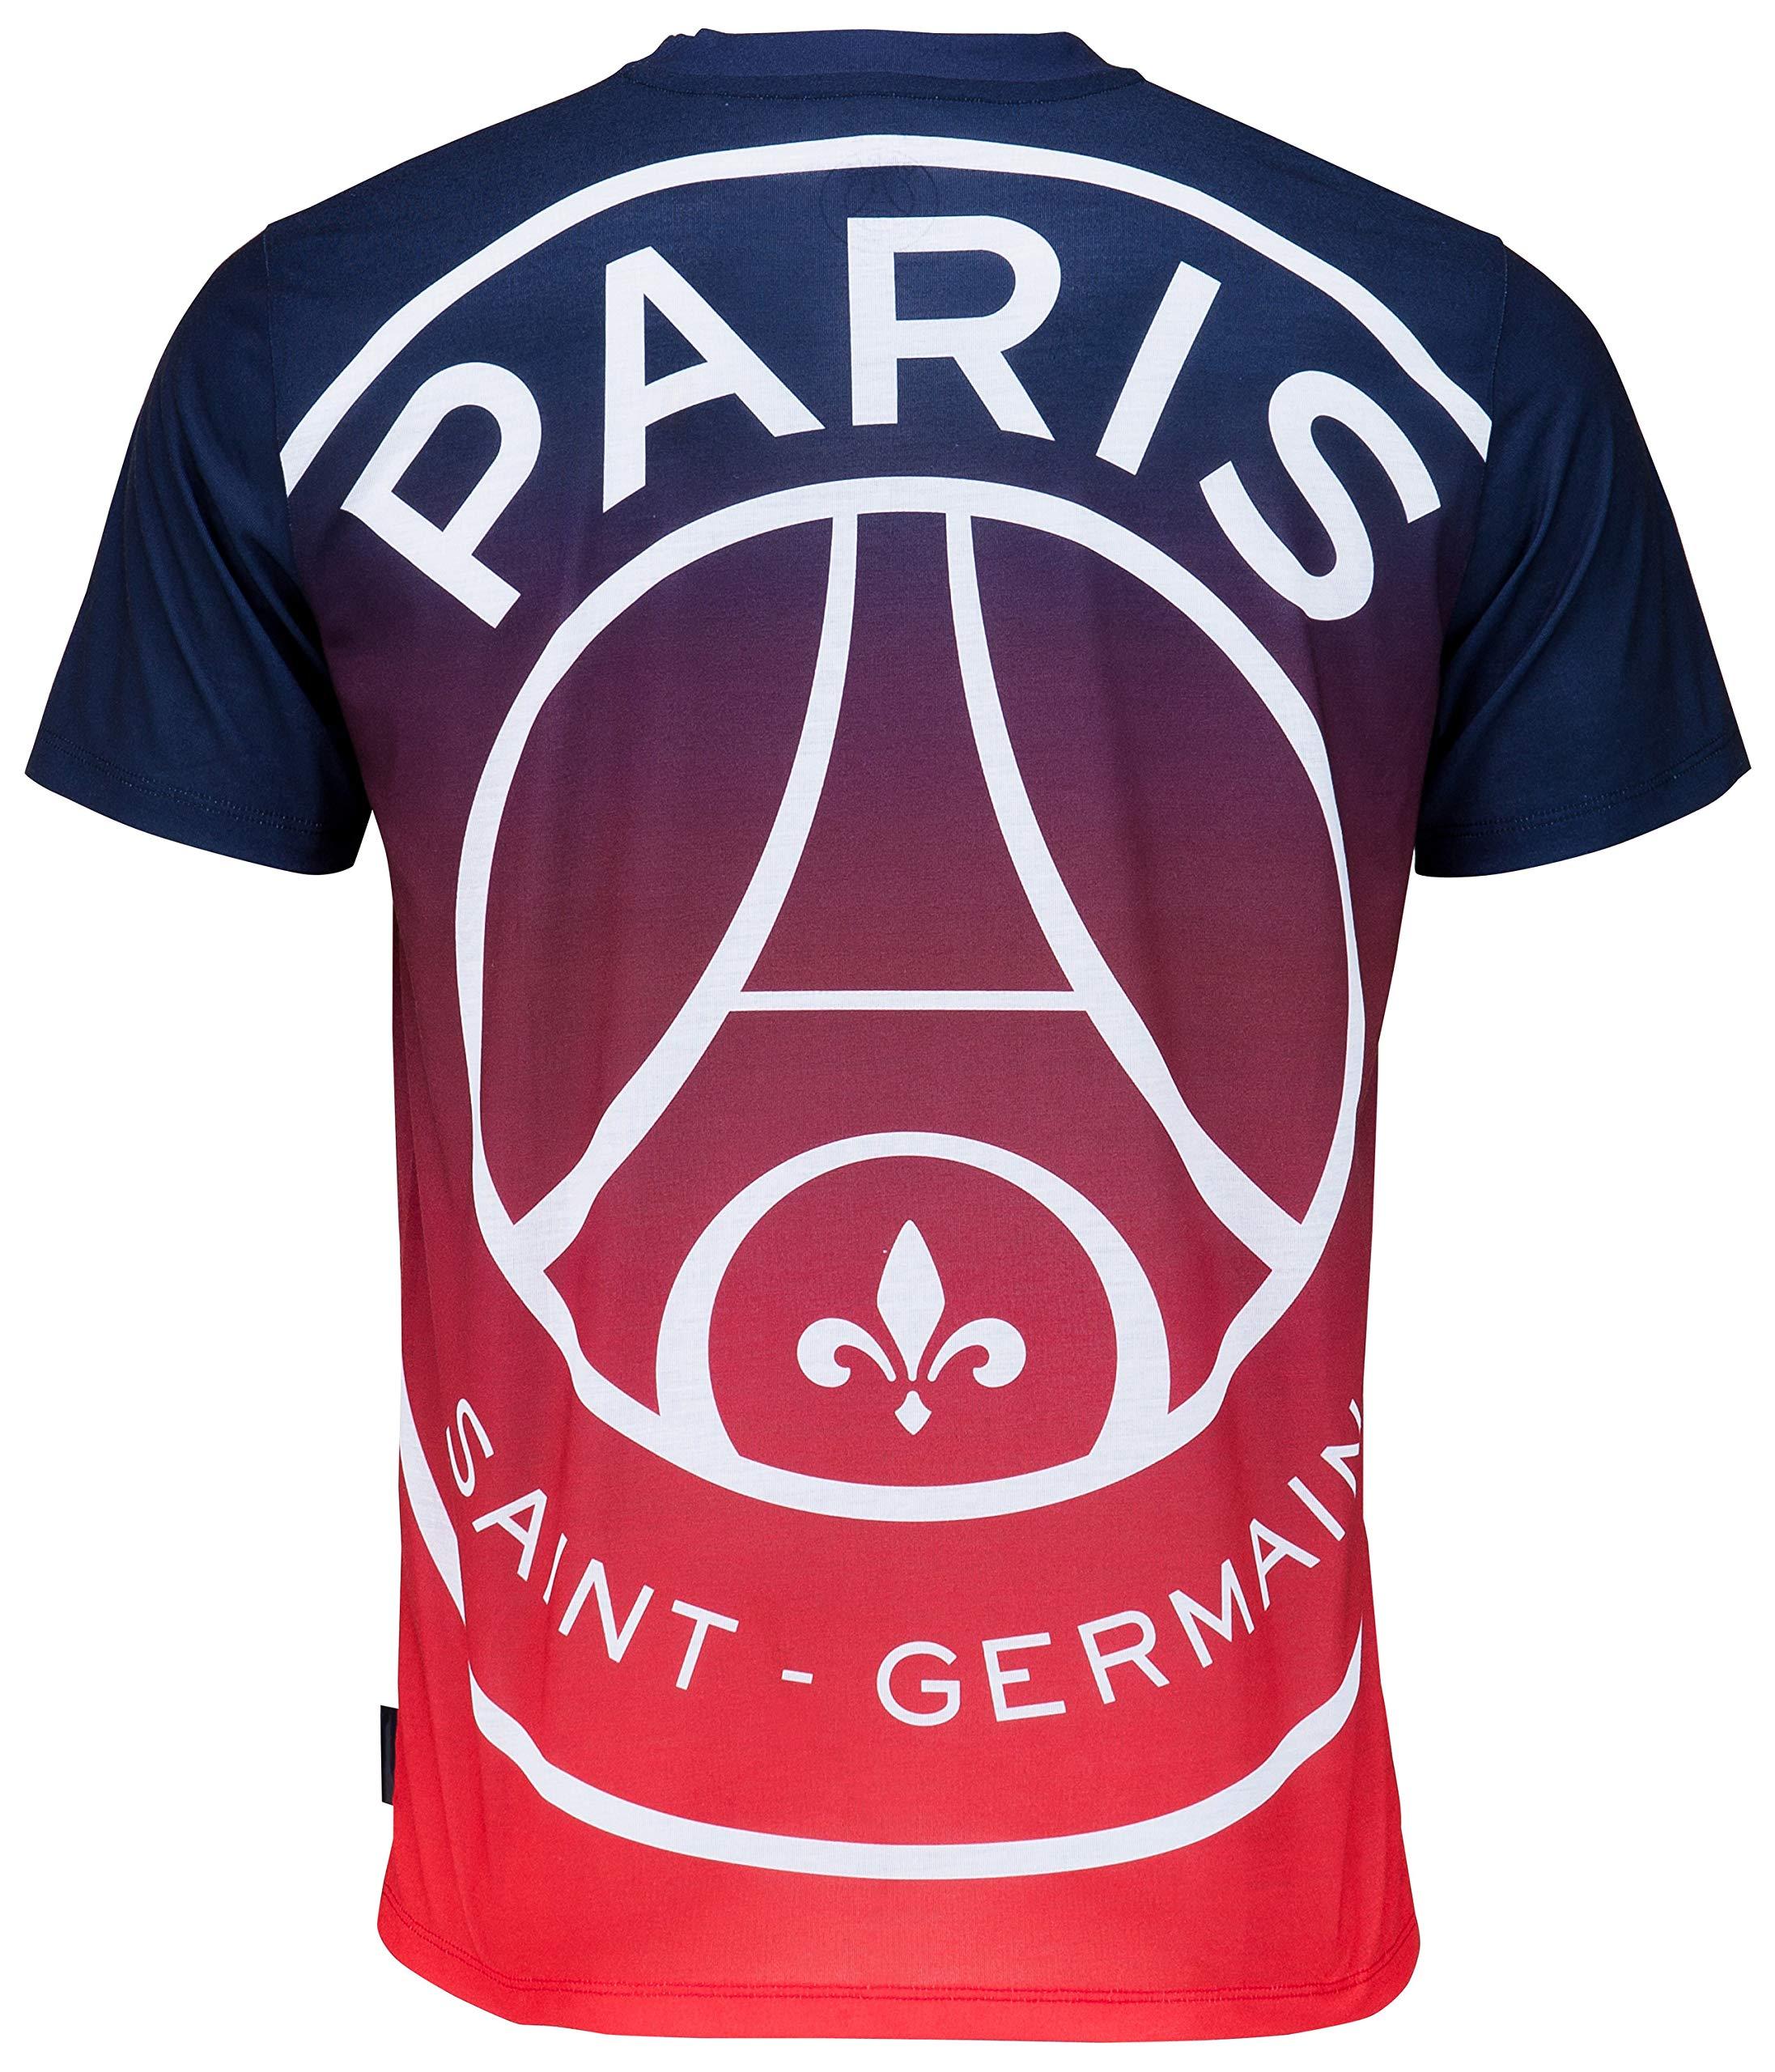 PARIS SAINT GERMAIN Camiseta PSG - Colección Oficial Talla niño 8 años: Amazon.es: Deportes y aire libre